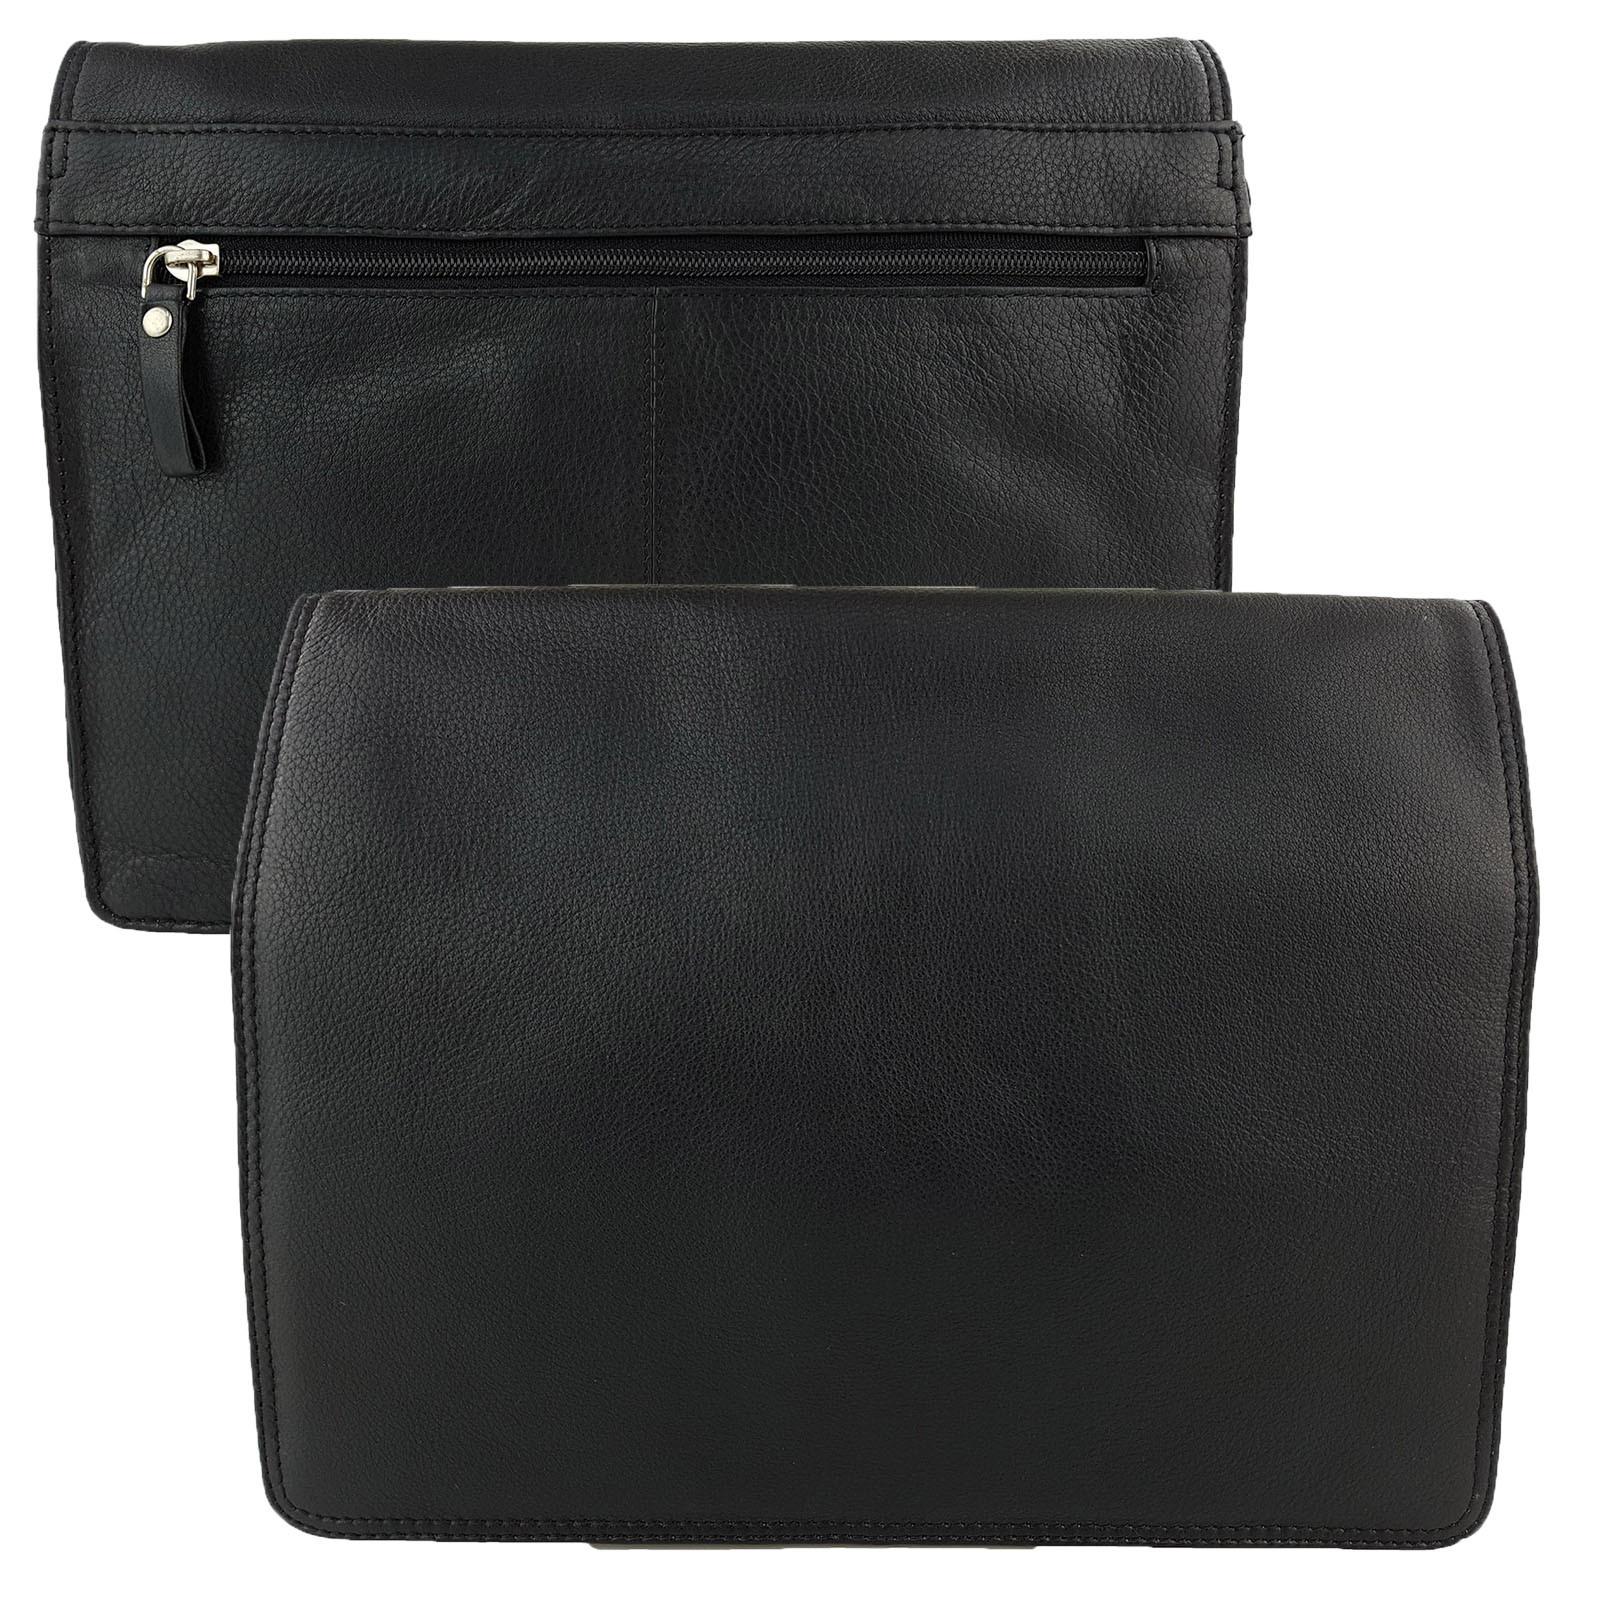 Black Genuine Leather Shoulder Bag